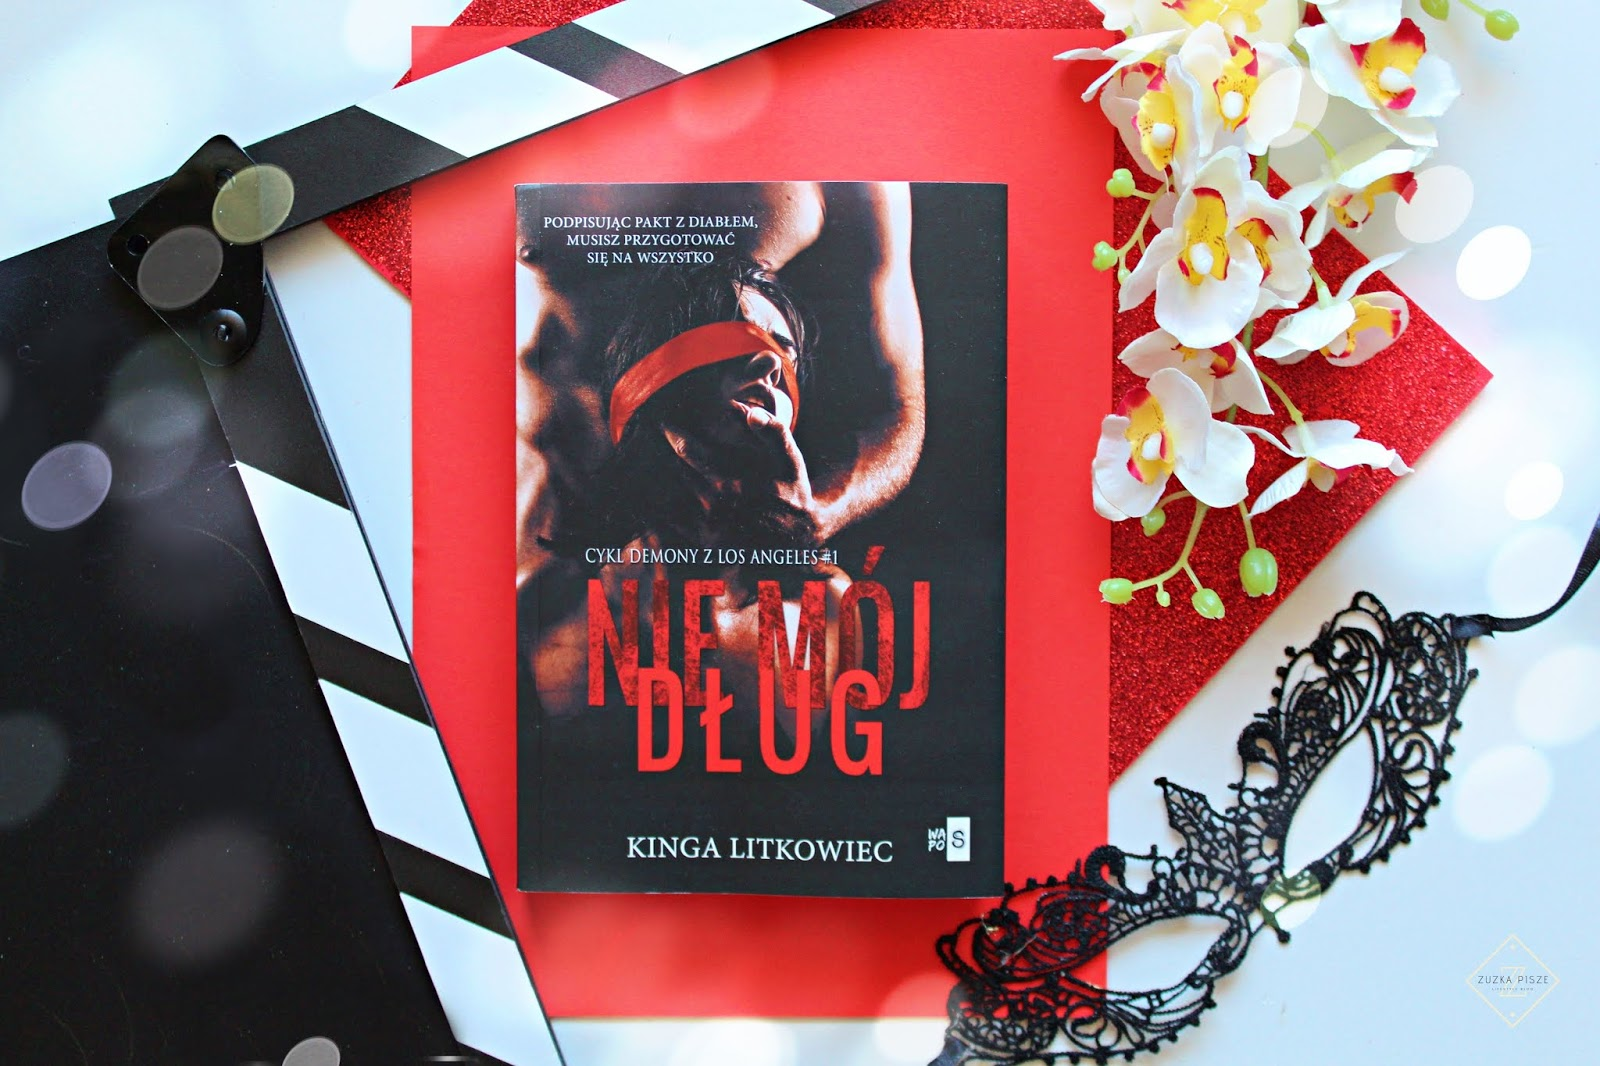 """Kinga Litkowiec """"Nie mój dług"""" - recenzja książki"""